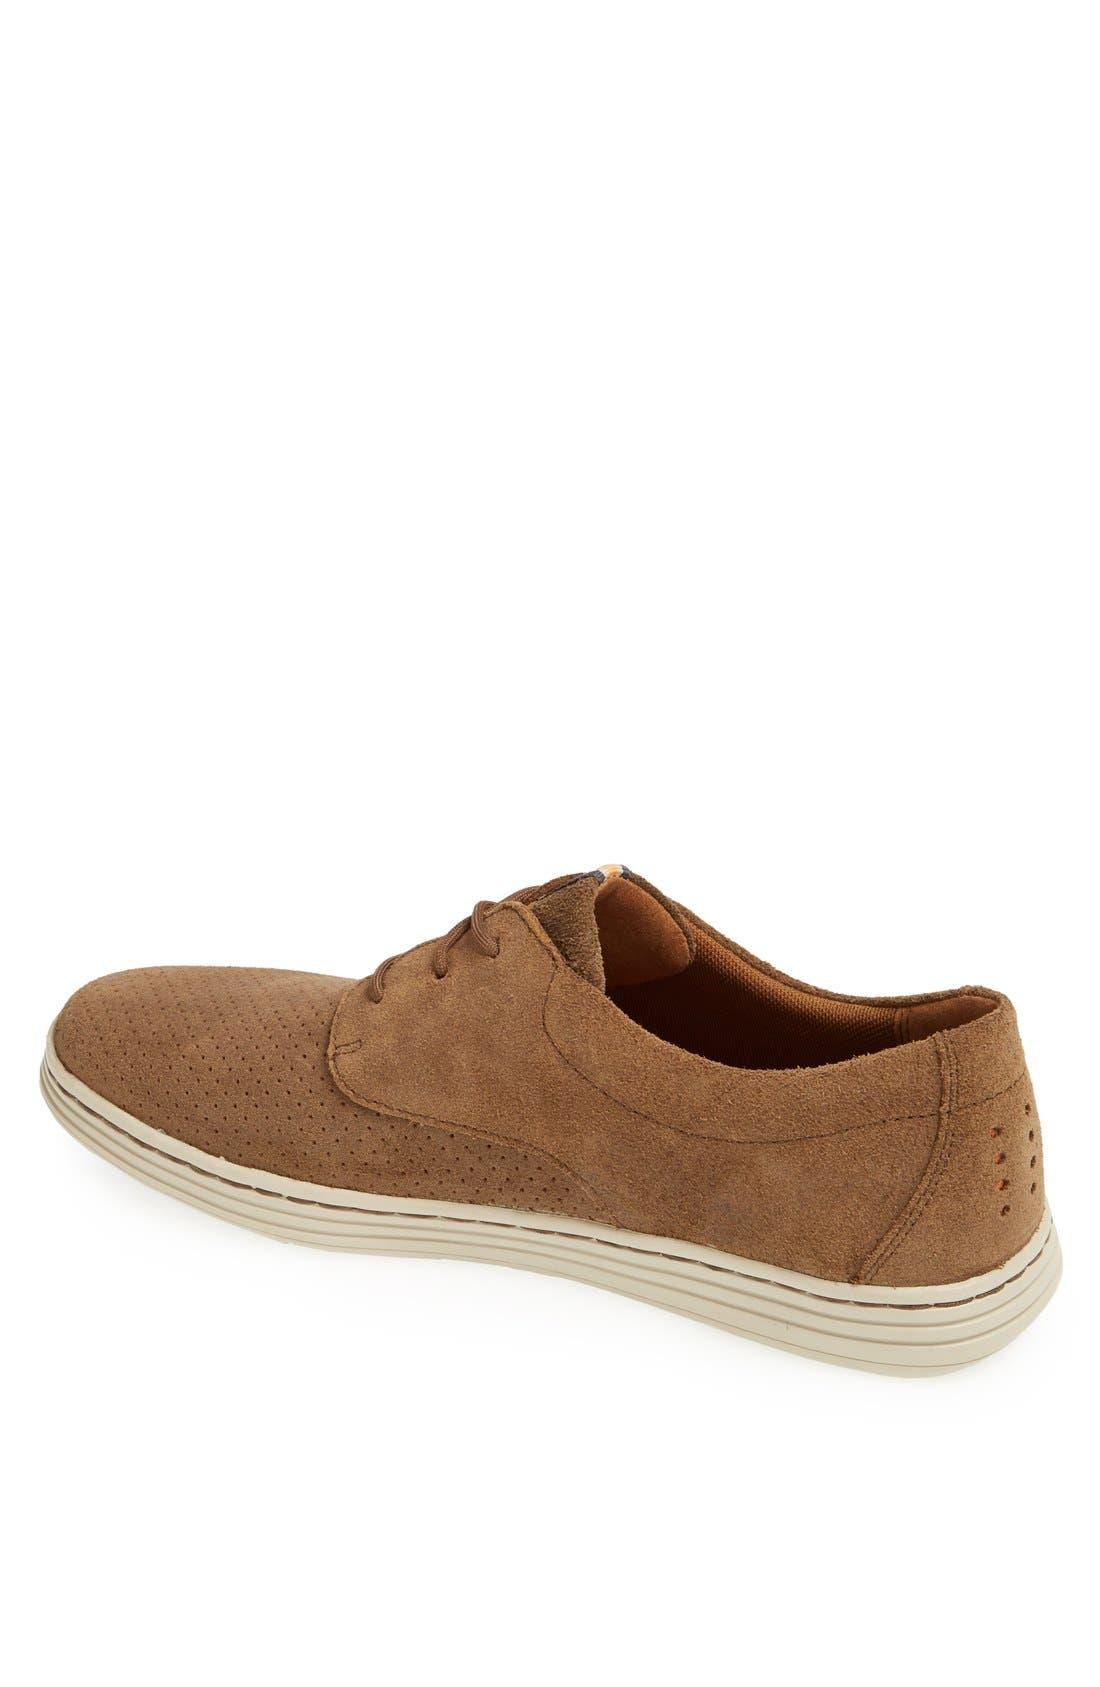 Alternate Image 2  - Dunham 'Camden' Sneaker